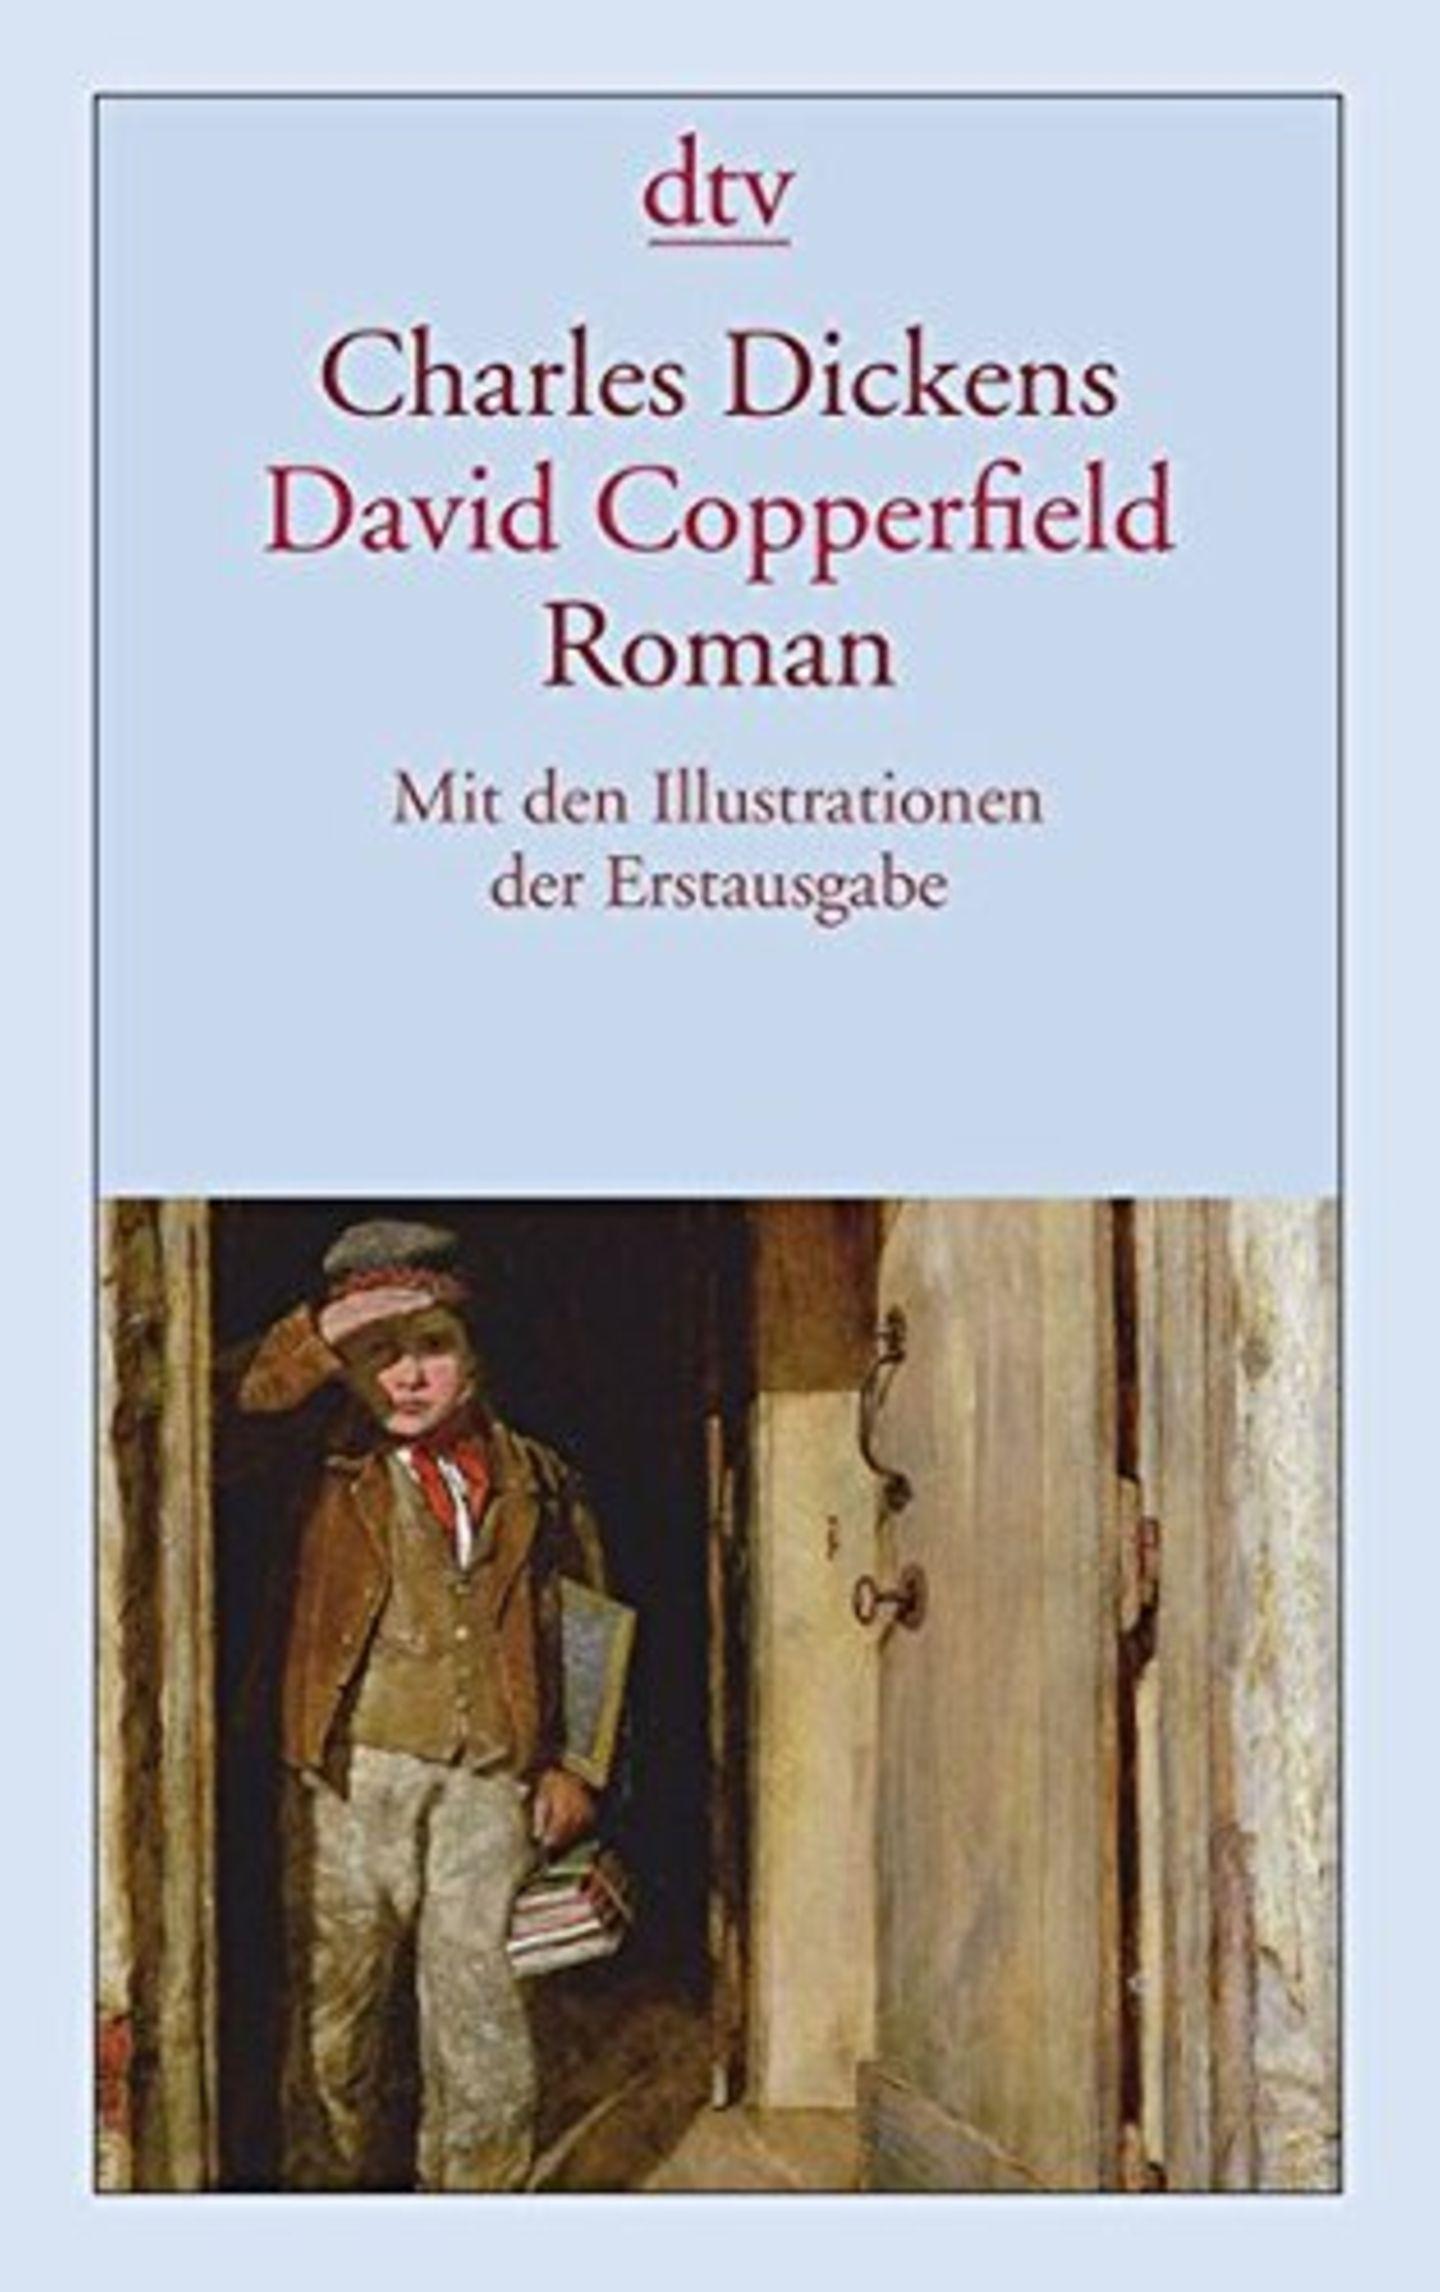 David Copperfield von Charles Dickens